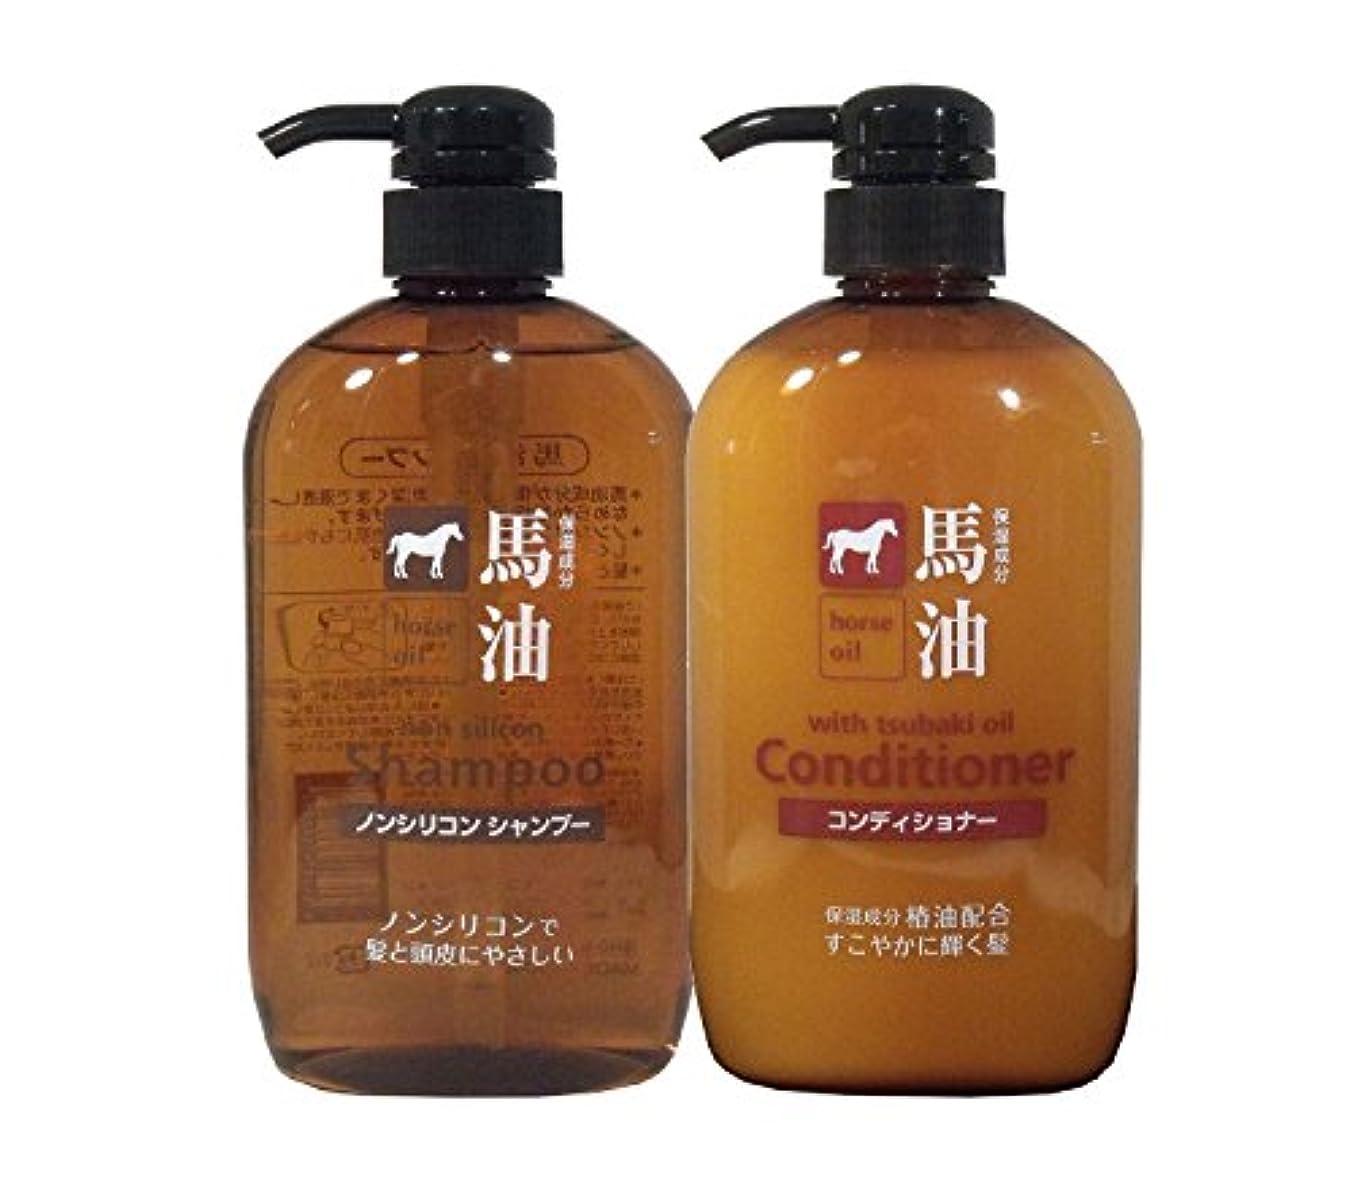 熊野油脂 馬油シャンプー & コンディショナー 各600ml